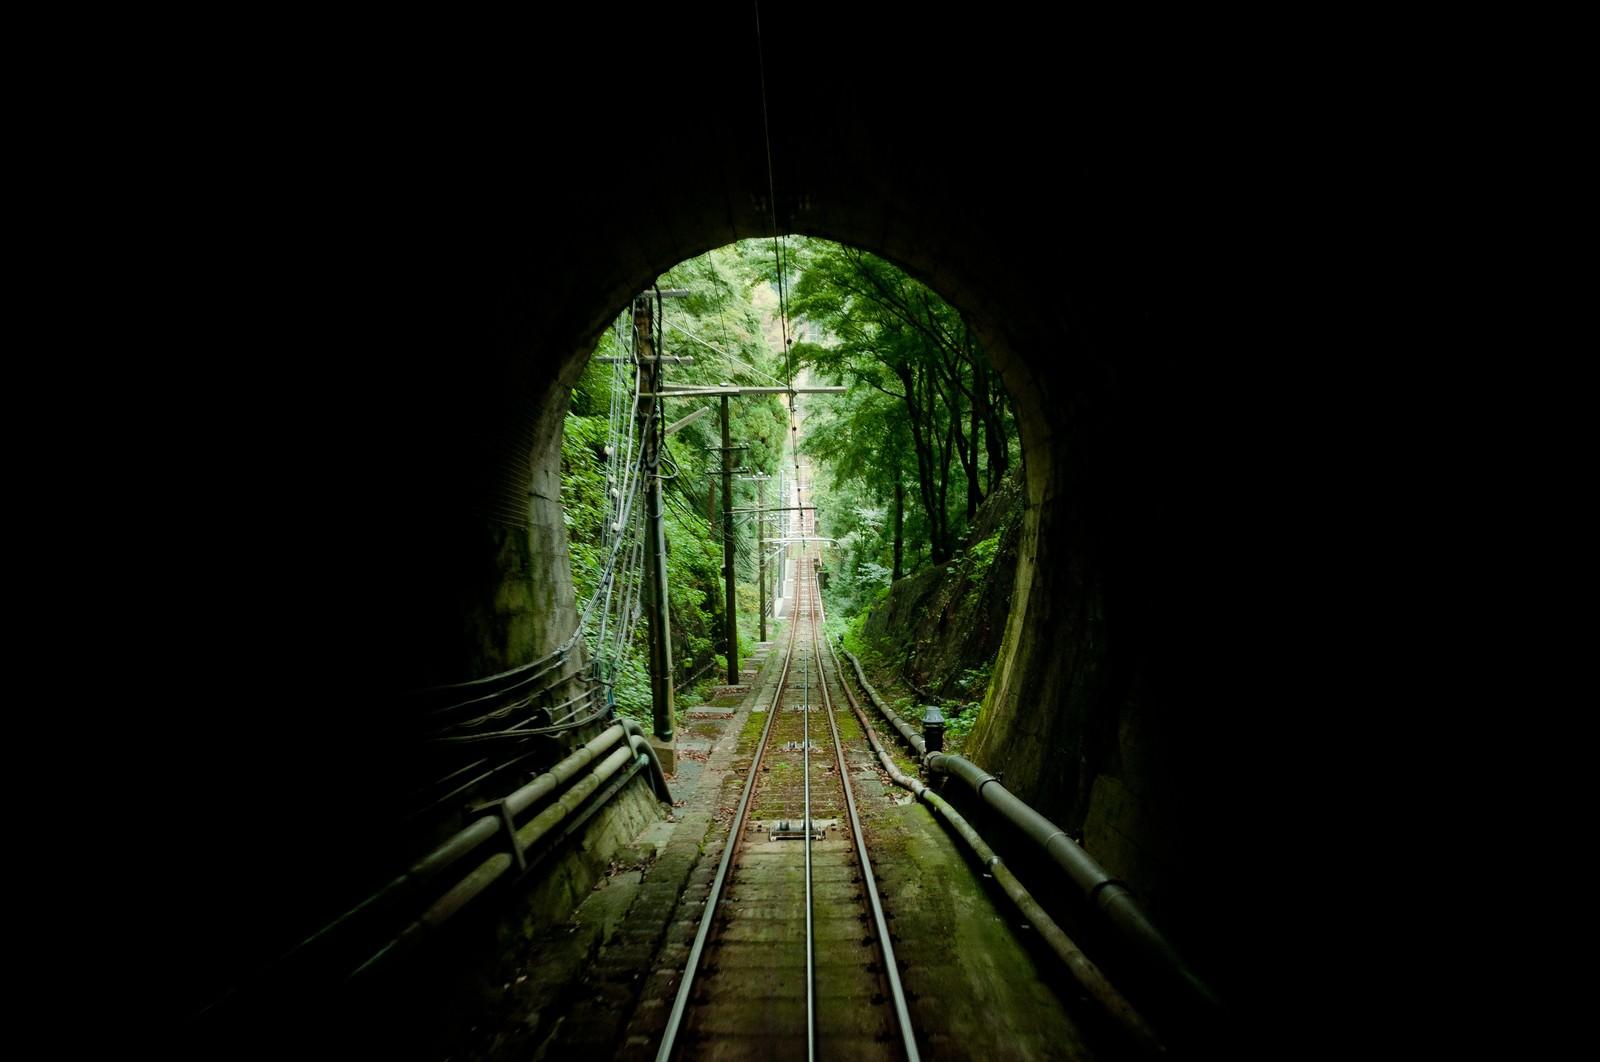 「高尾のトンネル」の写真